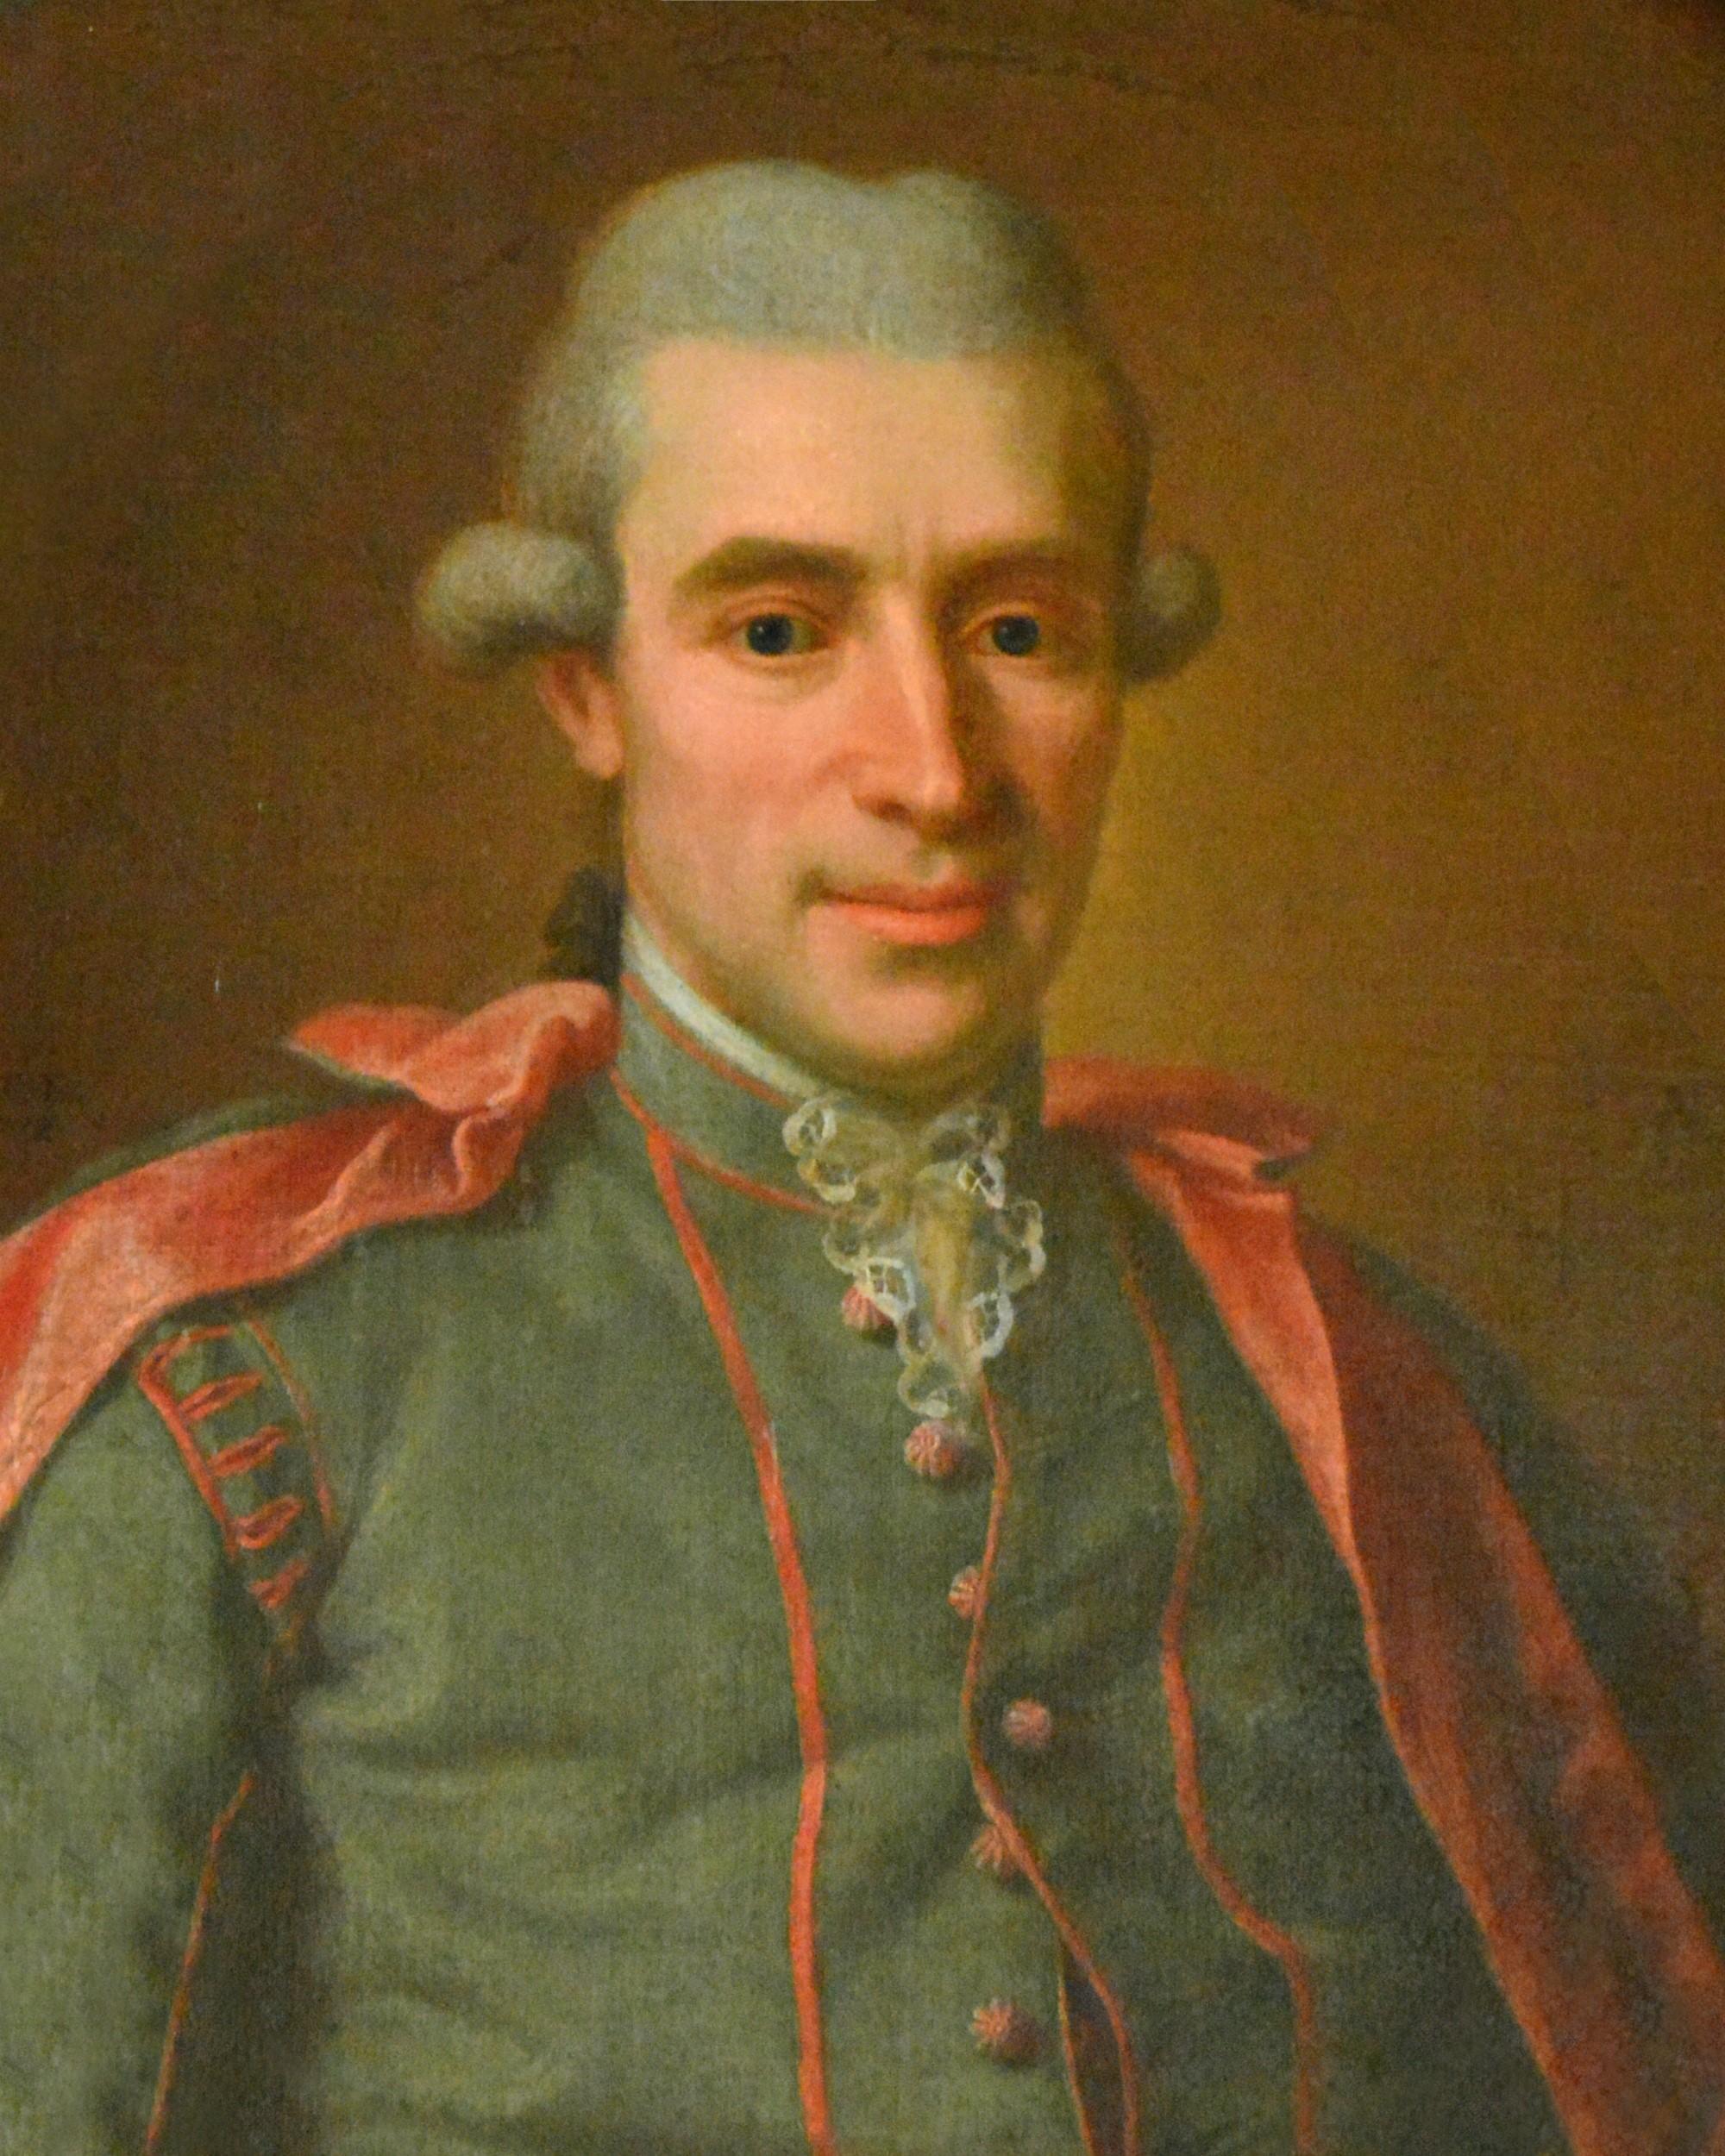 Retrato de Torbern Olof Bergman (1735-1784). Fonte da imagem: Wikipedia. química orgânica